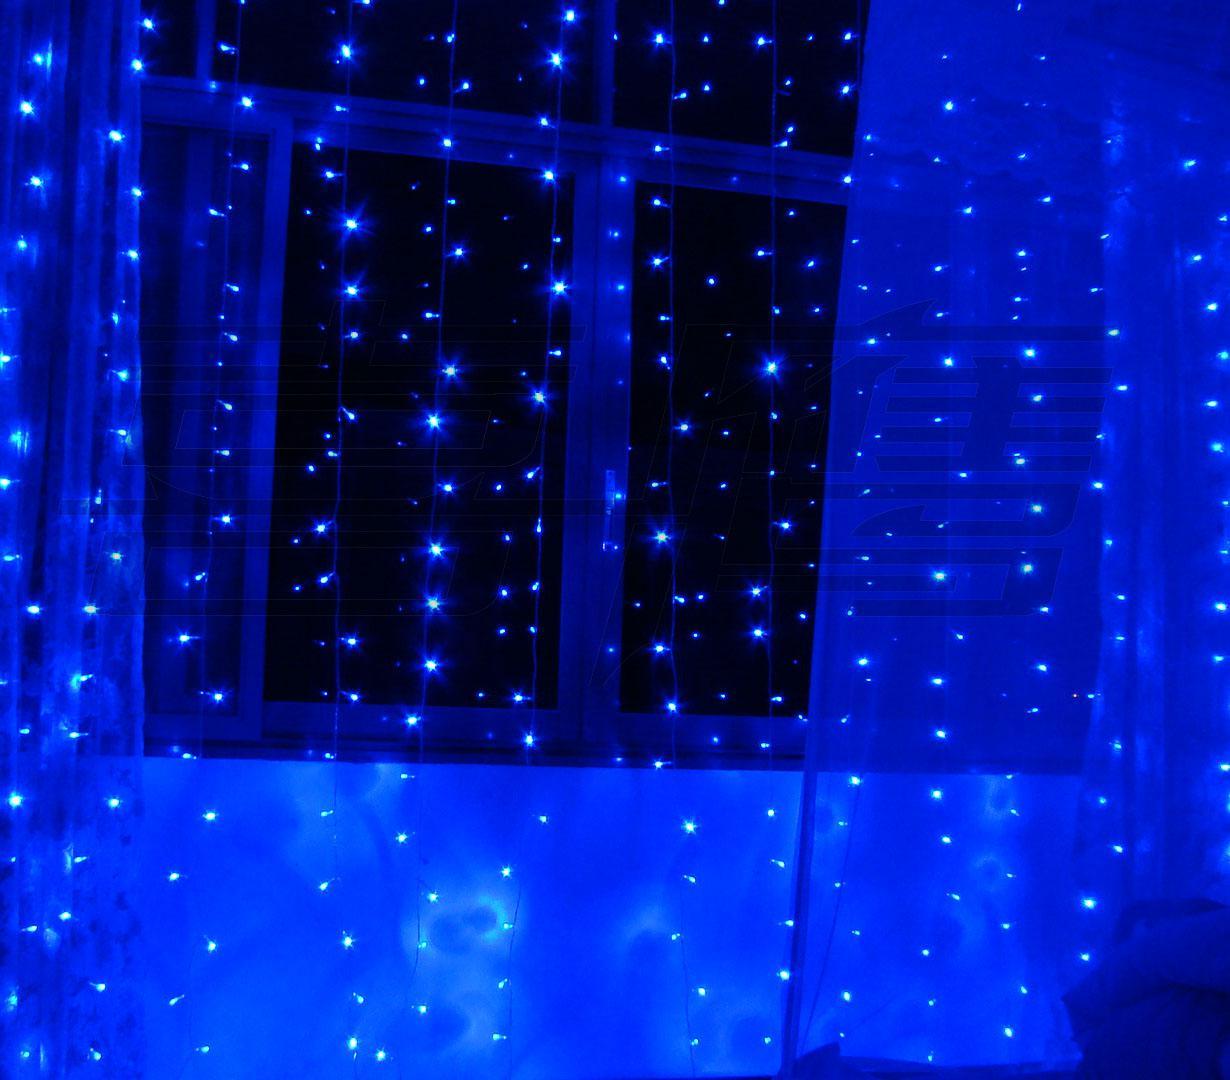 600 Lâmpadas LED 6m * 3m luzes de cortina, enfeite de Natal luz, flash de casamento de fadas LED Luzes coloridas À Prova D 'Água levou tira de iluminação led tiras